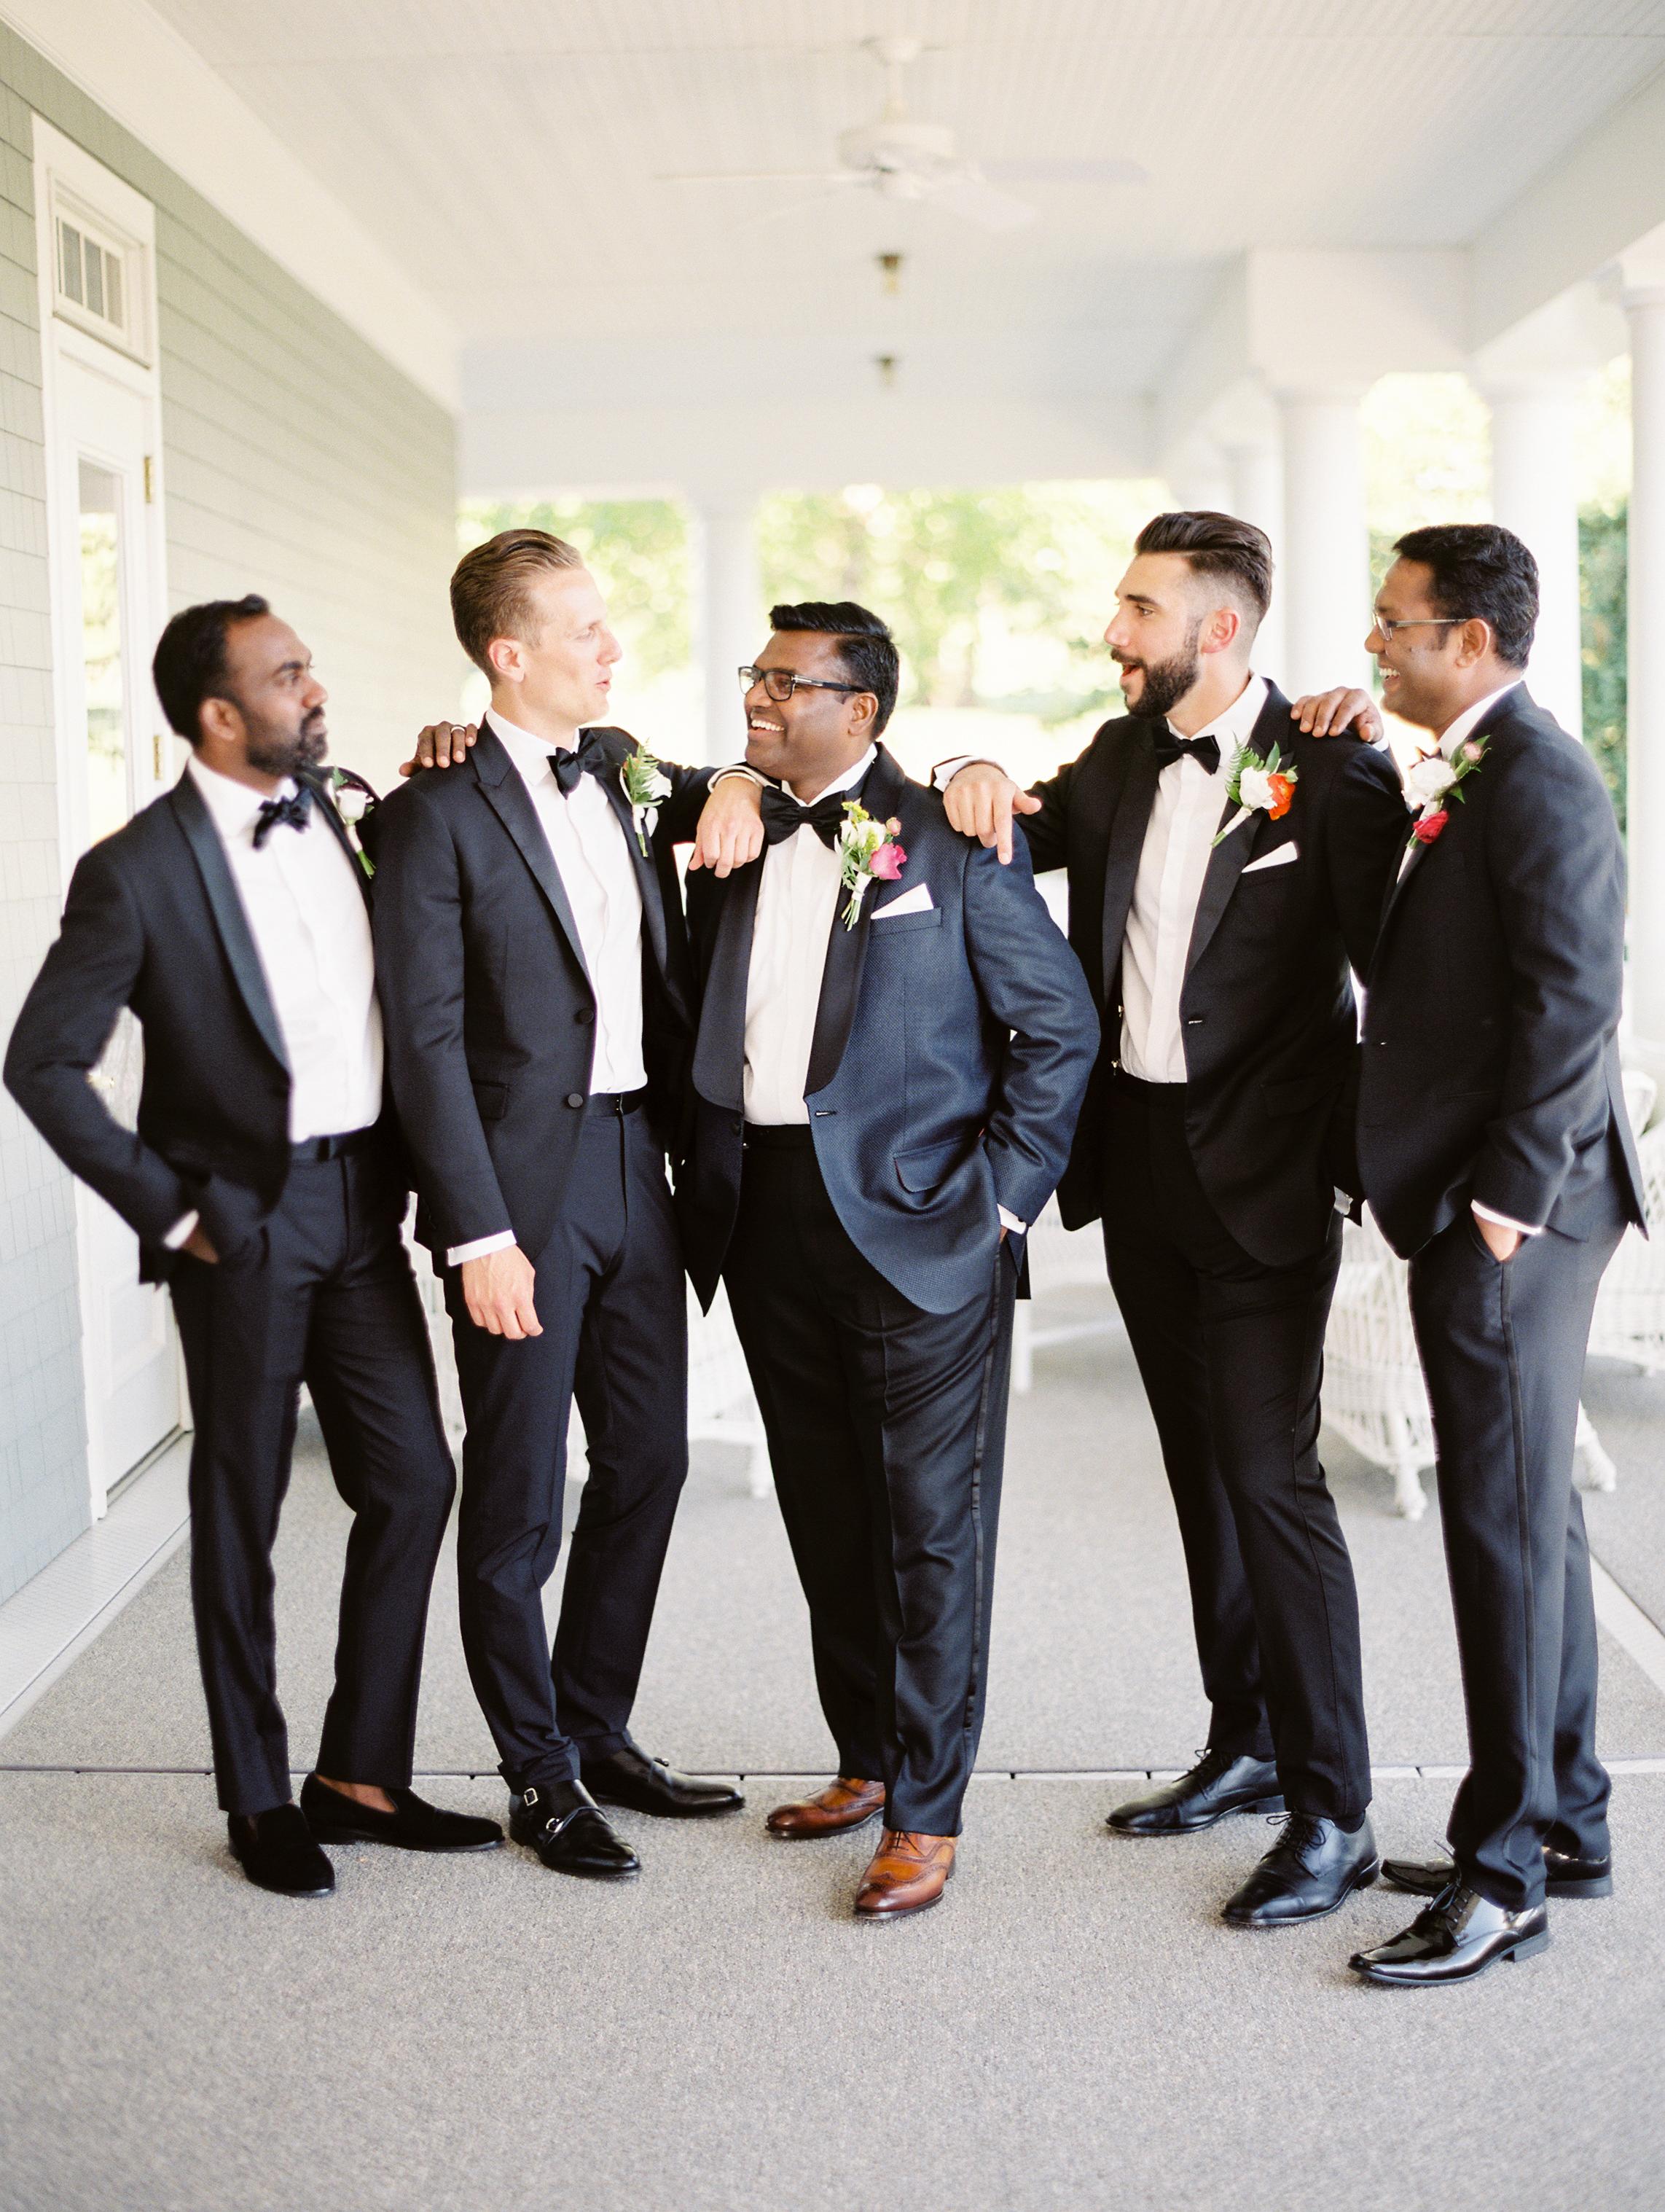 Govathoti+Wedding+Cocktail+BridalParty-18.jpg